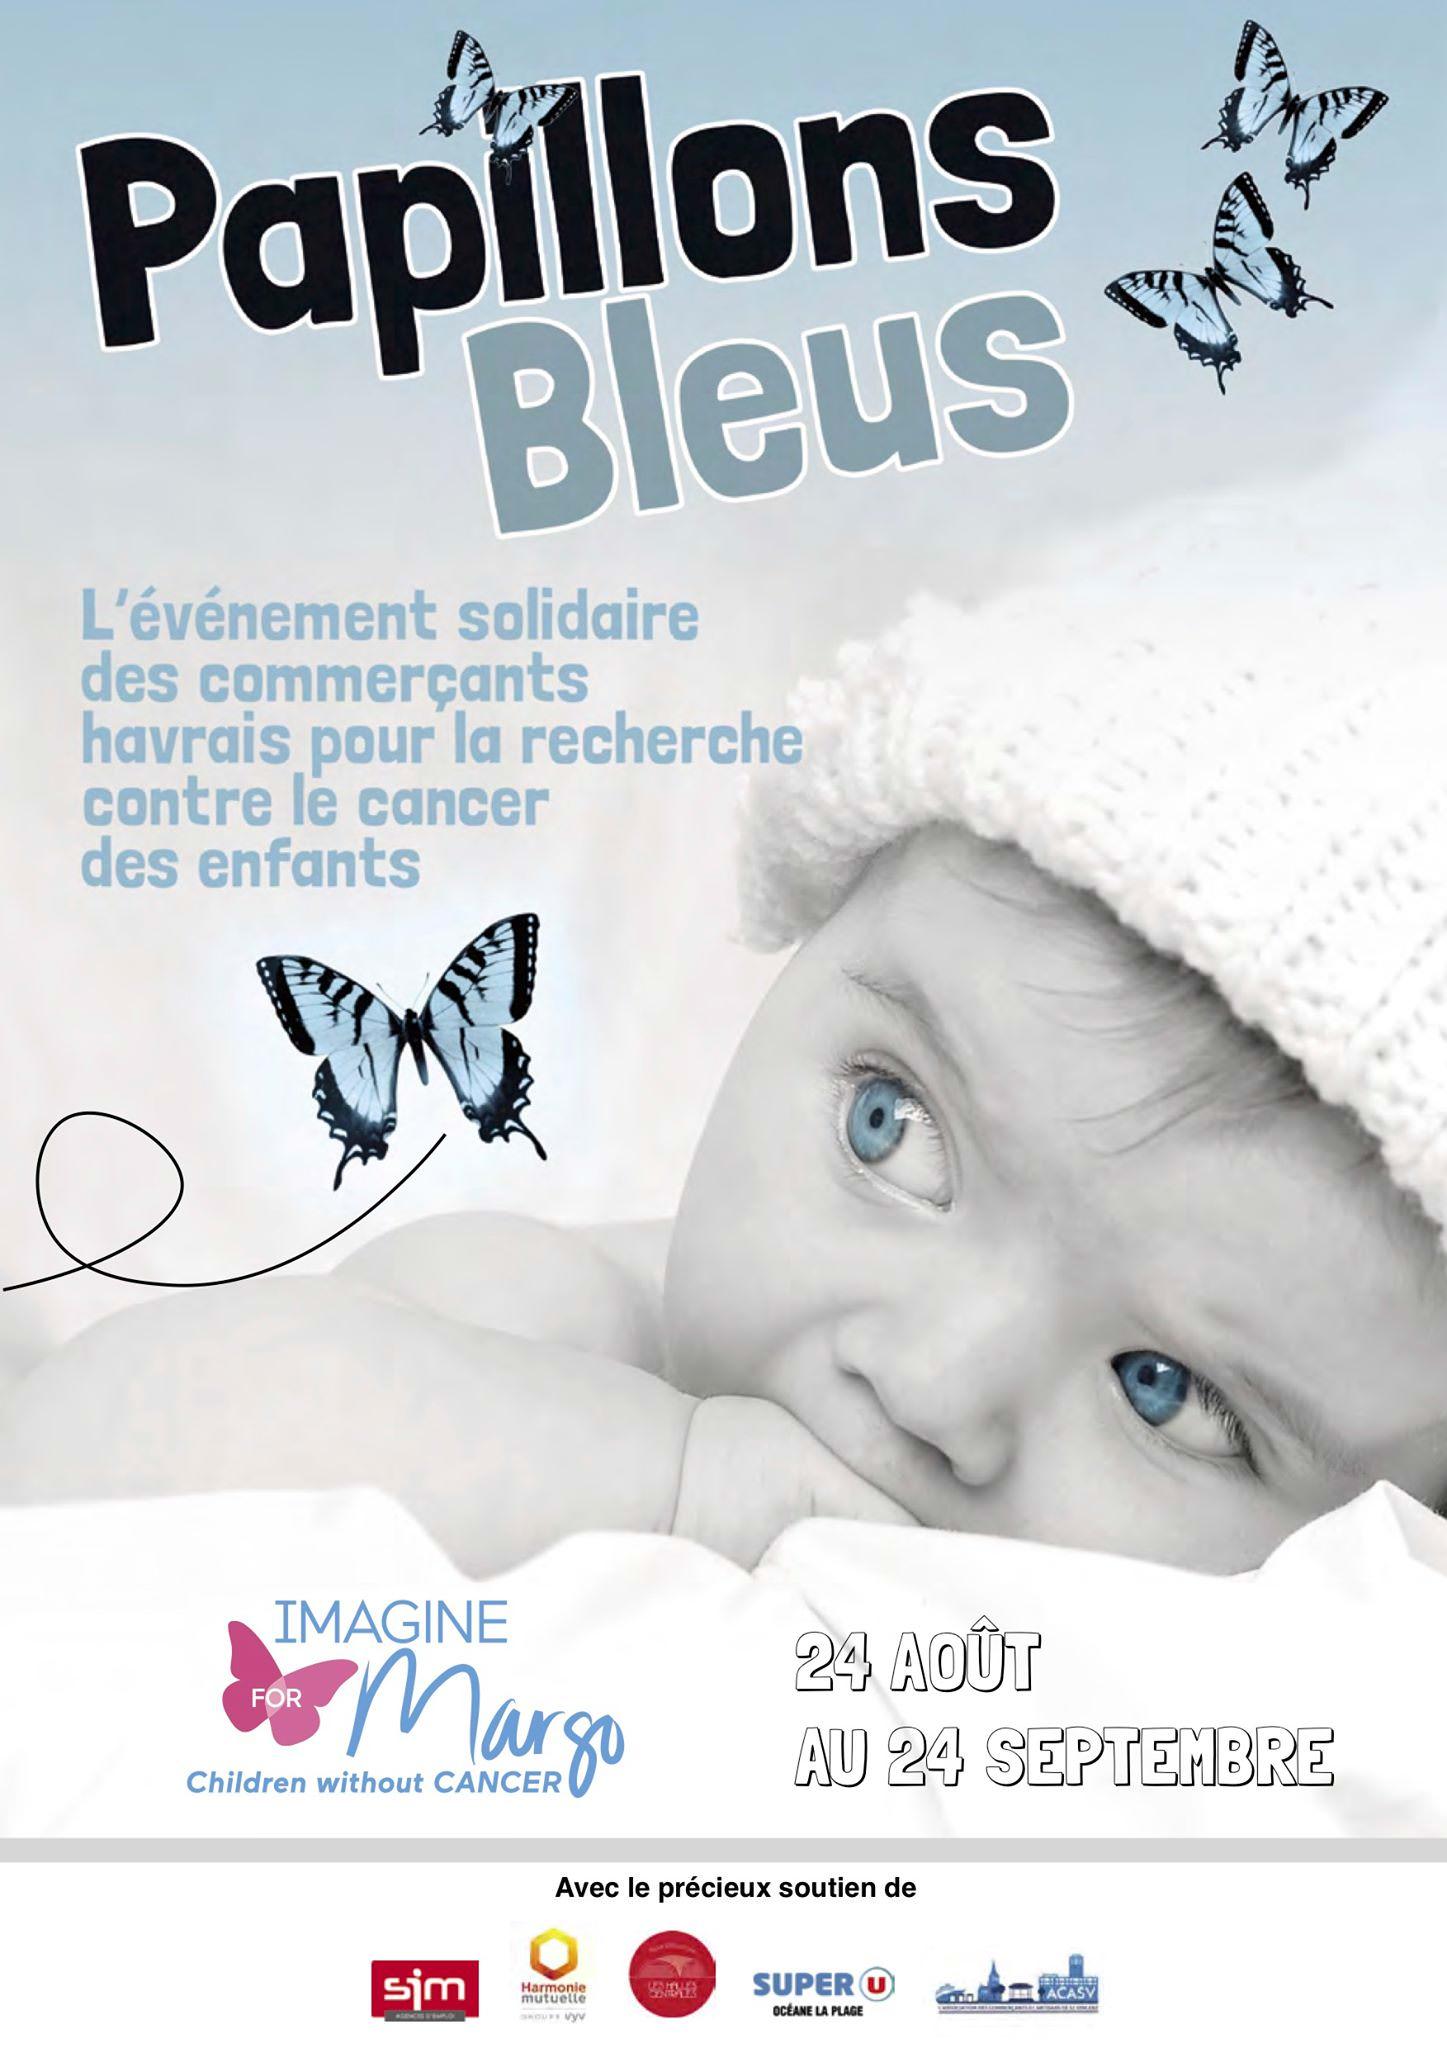 opération les papillons bleus au Havre pour la recherche contre le cancer des enfants